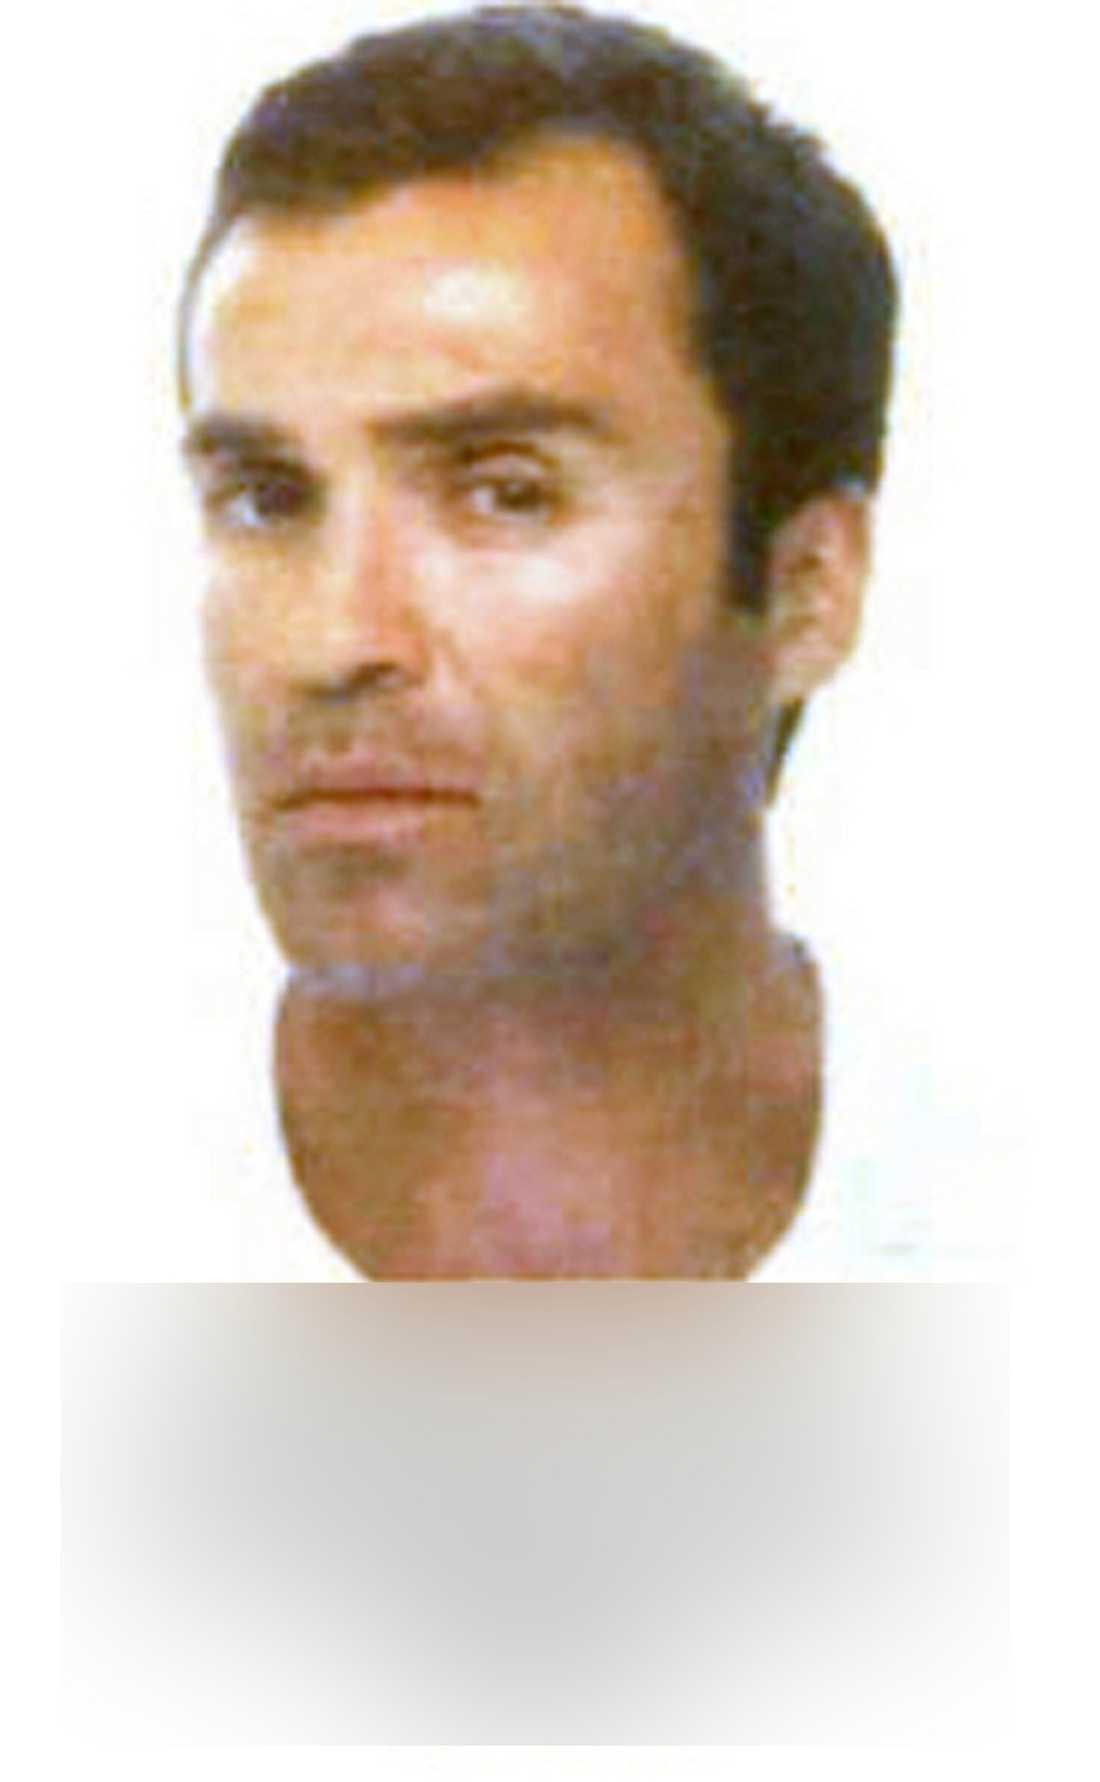 FASTNADE I FÄLLAN Paul Mardirossian greps när han levererade ett granatgevär och en kalasjnikov. Nu åtalas han i USA, bland annat för att ha gynnat terrorgrupper.